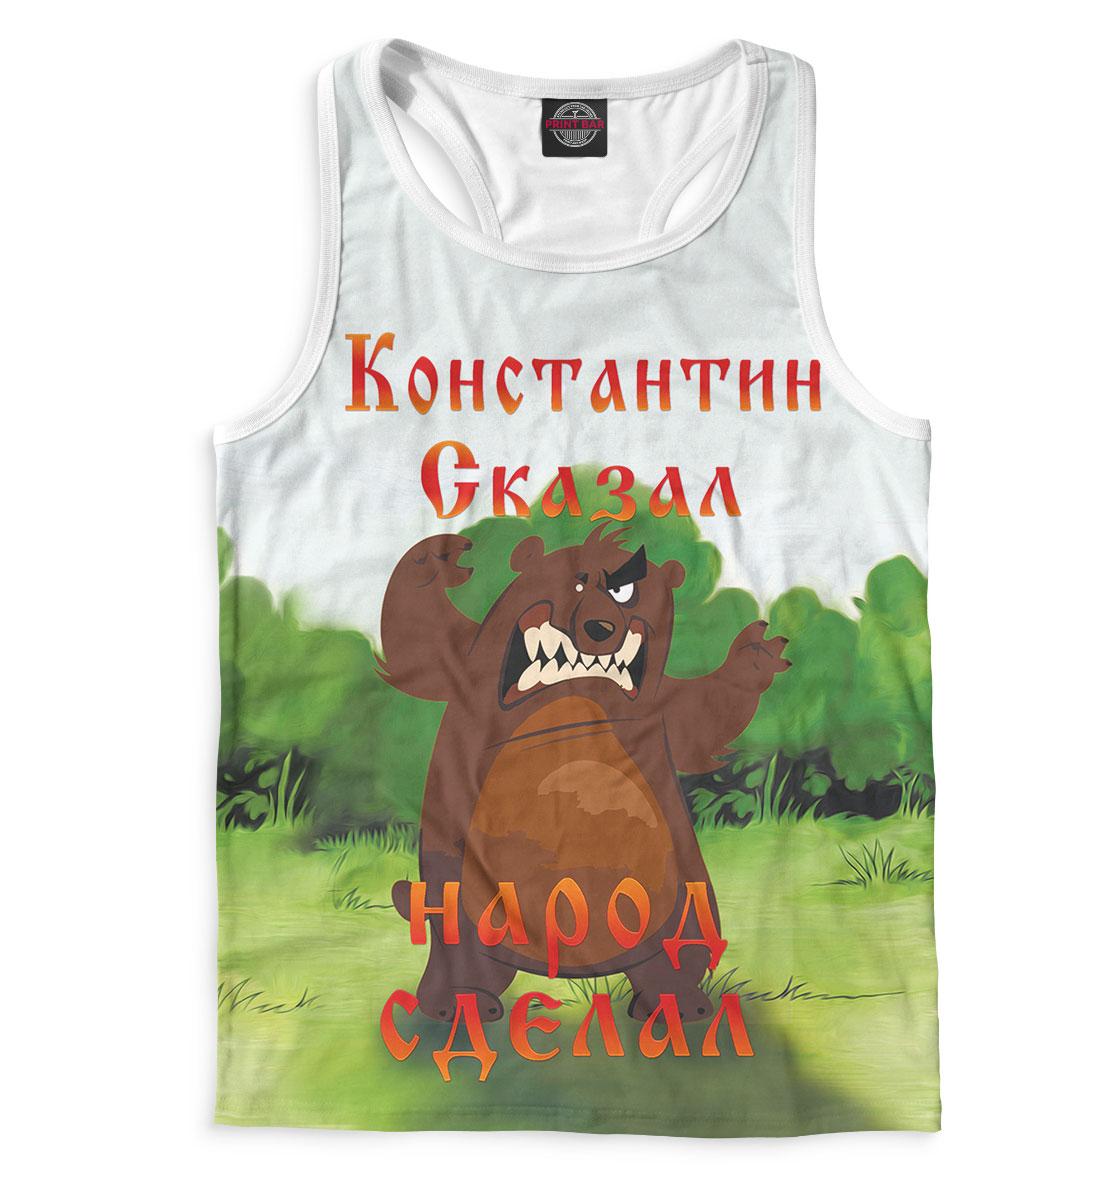 Купить Константин сказал, Printbar, Майки борцовки, KST-802805-mayb-2